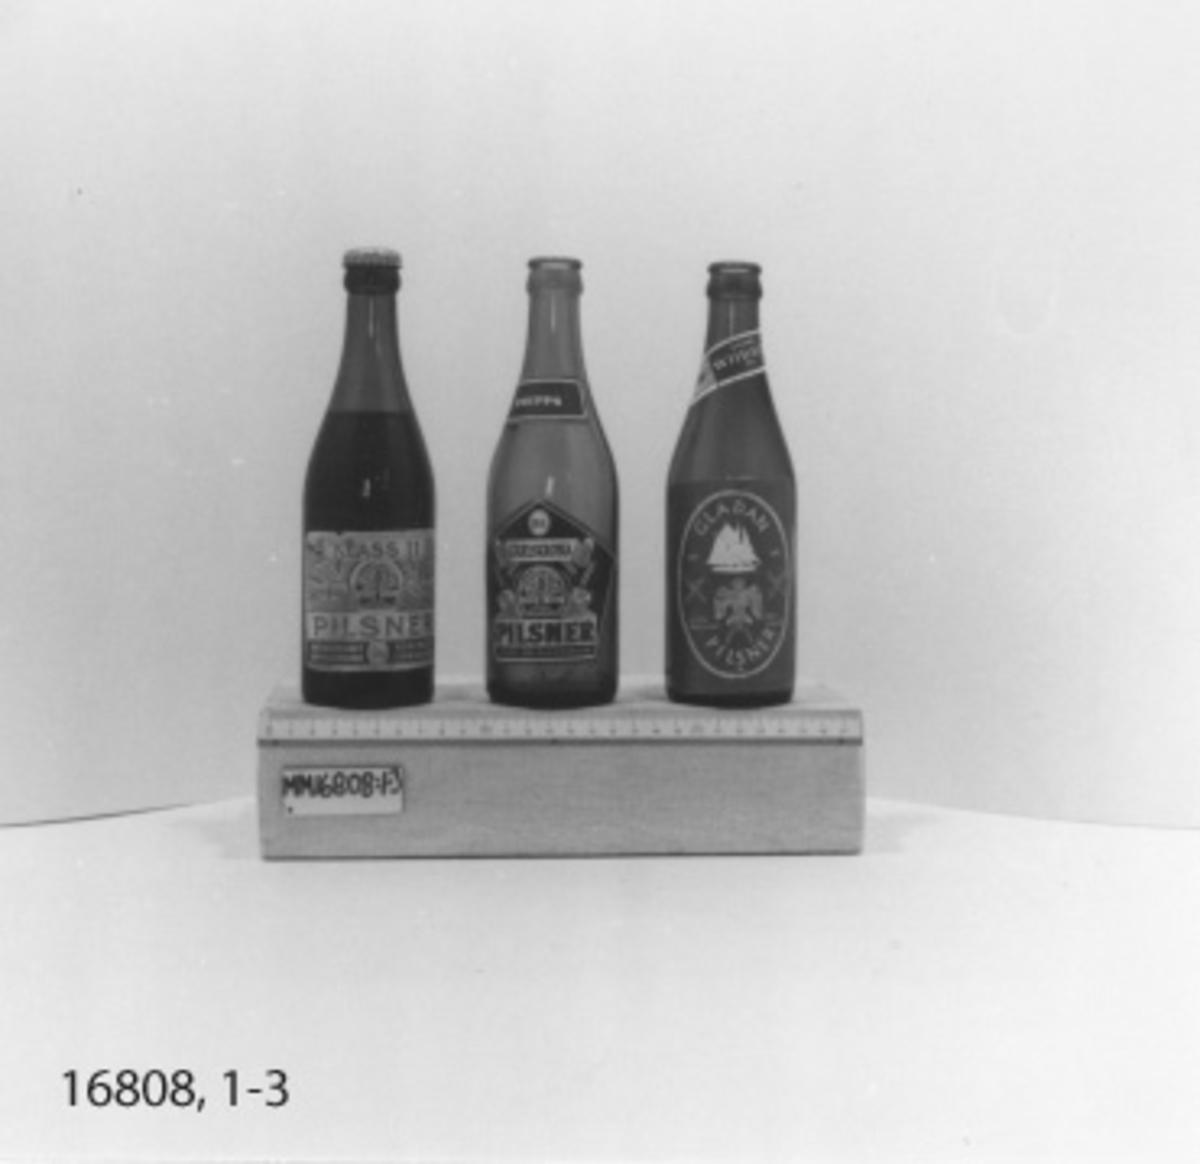 """Flaska, 33 cl, i brunt glas utan kapsyl. Stor rektangulär etikett med  vitt tryck på blå botten med text: """"Gladan pilsner Glada bryggeriet  sjörullad 1947 1976"""" Inom ram av rep silhuett av skonerten Gladan, samt stiliserad teckning av rovfågeln gladan samt på vardera sida två korslagda gångsspelsspakar. Under denna etidett finns en oval med text= """"Wibroe Pilsner Öl Helsingör"""". Liten etikett på flaskans hals """"Dansk Wibroe öl, ölet fra Hamlets By klasse IIB"""". I botten  *""""PLM 72 L10 SS inom vågsymbol, taggad kant."""